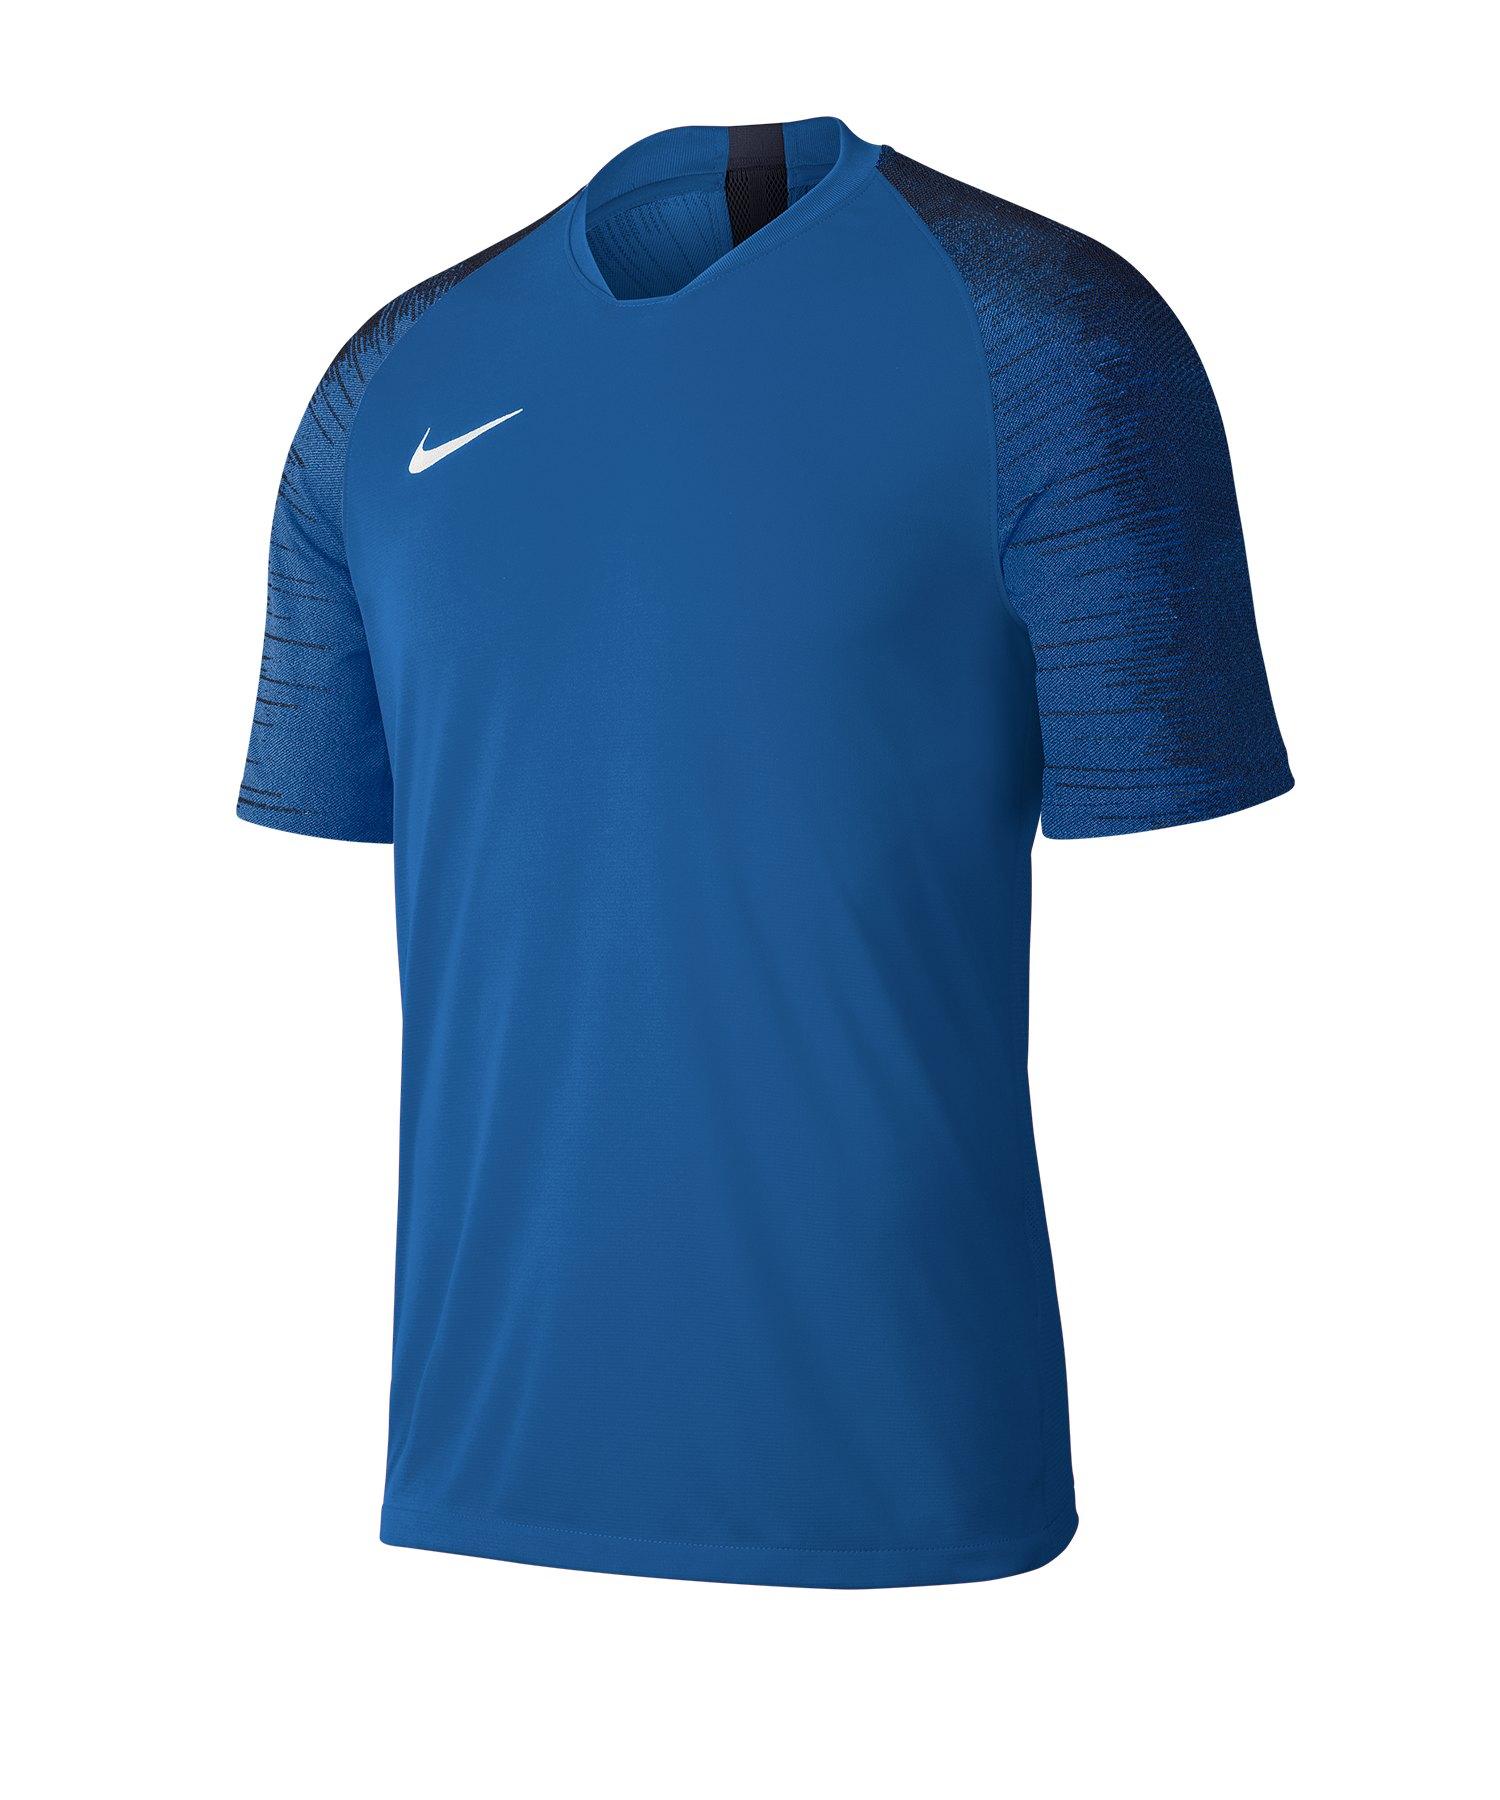 Nike Strike Trikot Blau F463 - blau